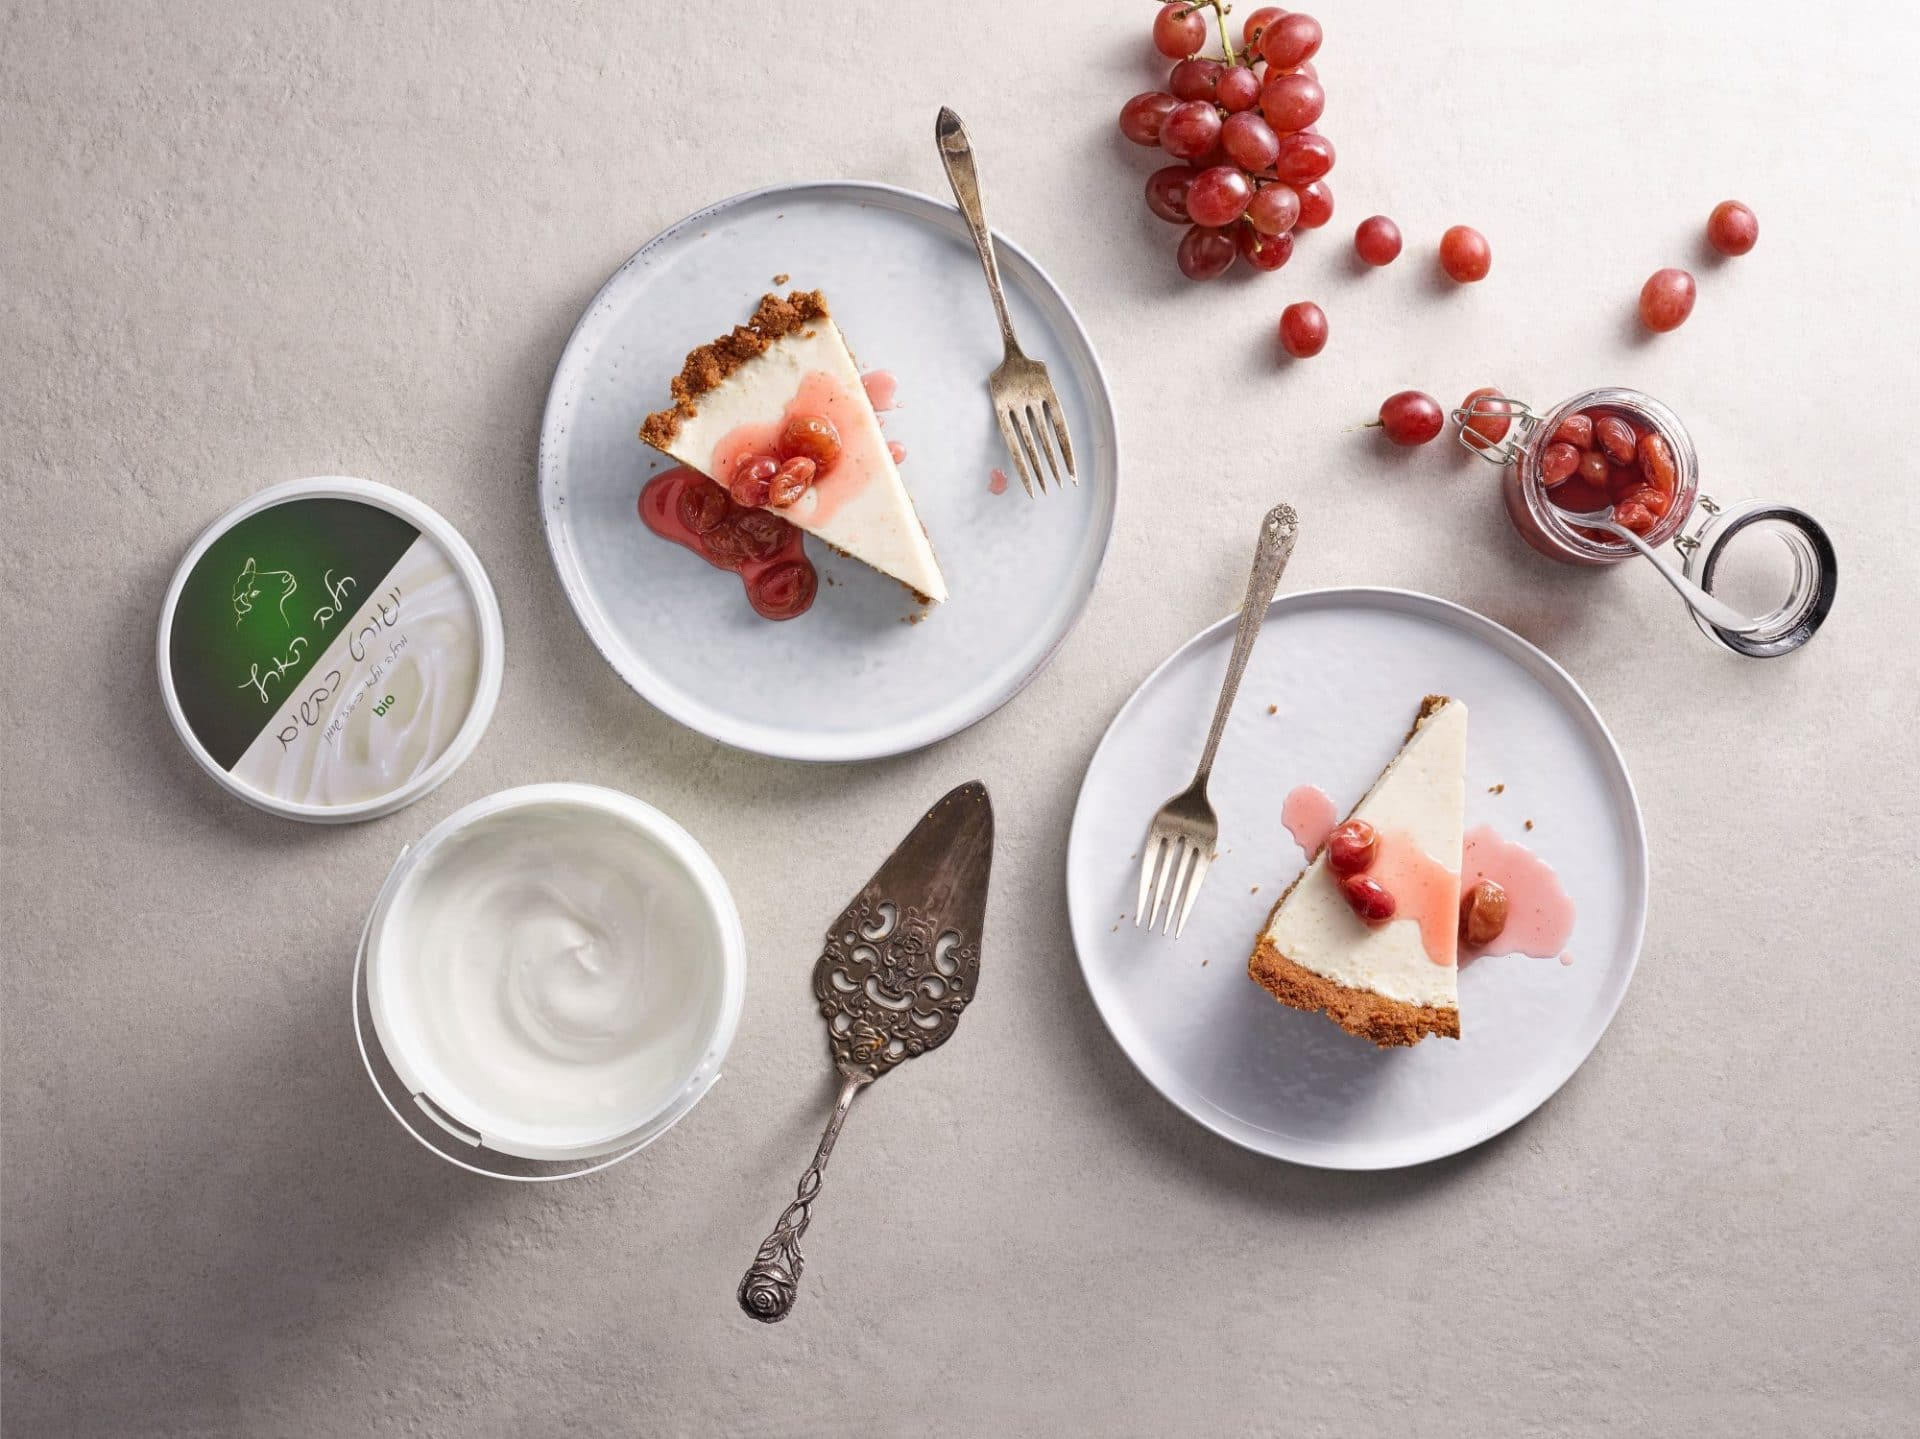 עוגת גבינה ענבים ויוגורט כבשים